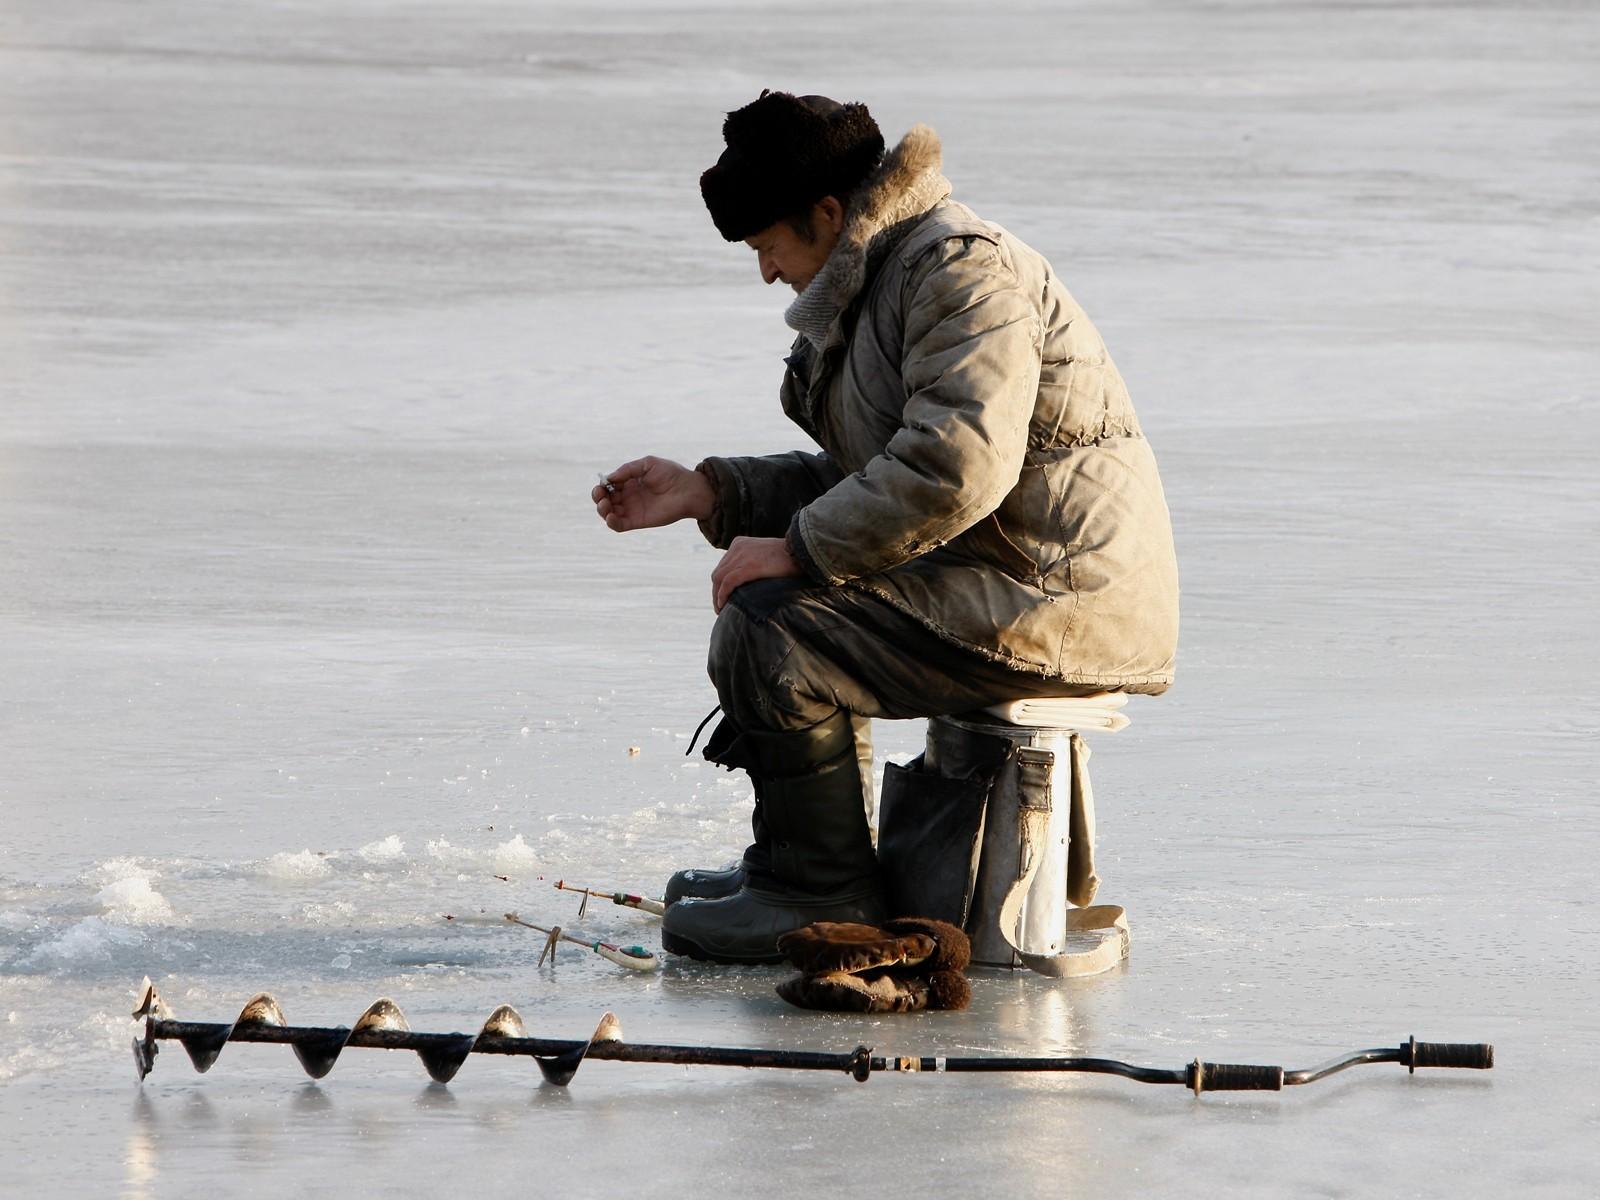 Cотрудники экстренных служб эвакуировали рыбака сШершнёвского водохранилища